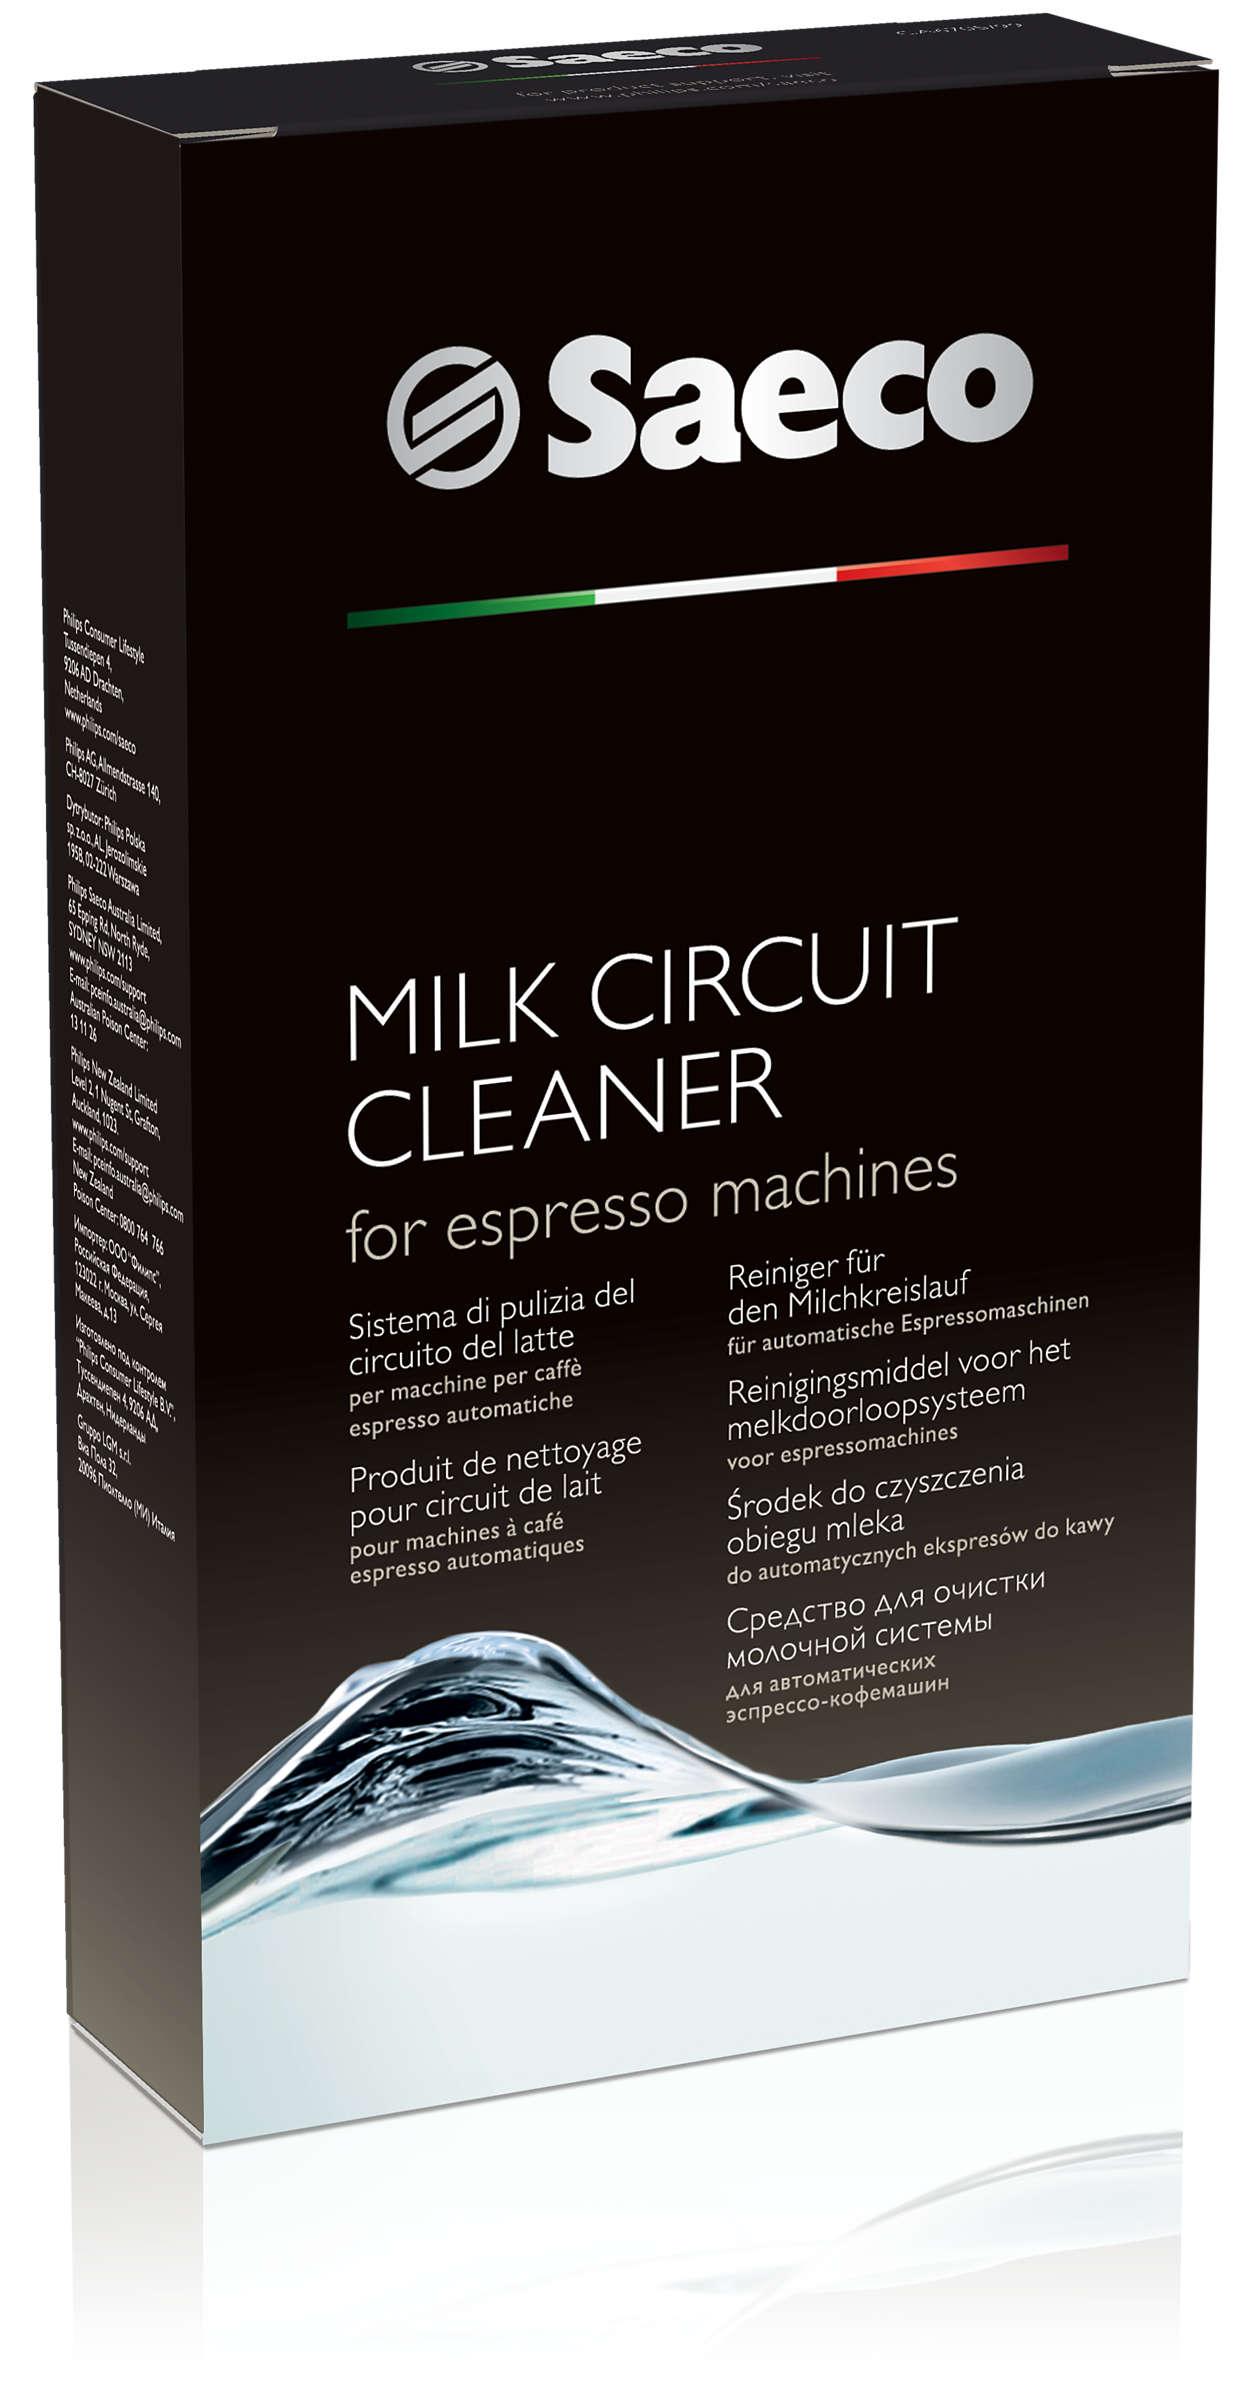 Tökéletesen tisztítja a tejadagoló alkatrészeket